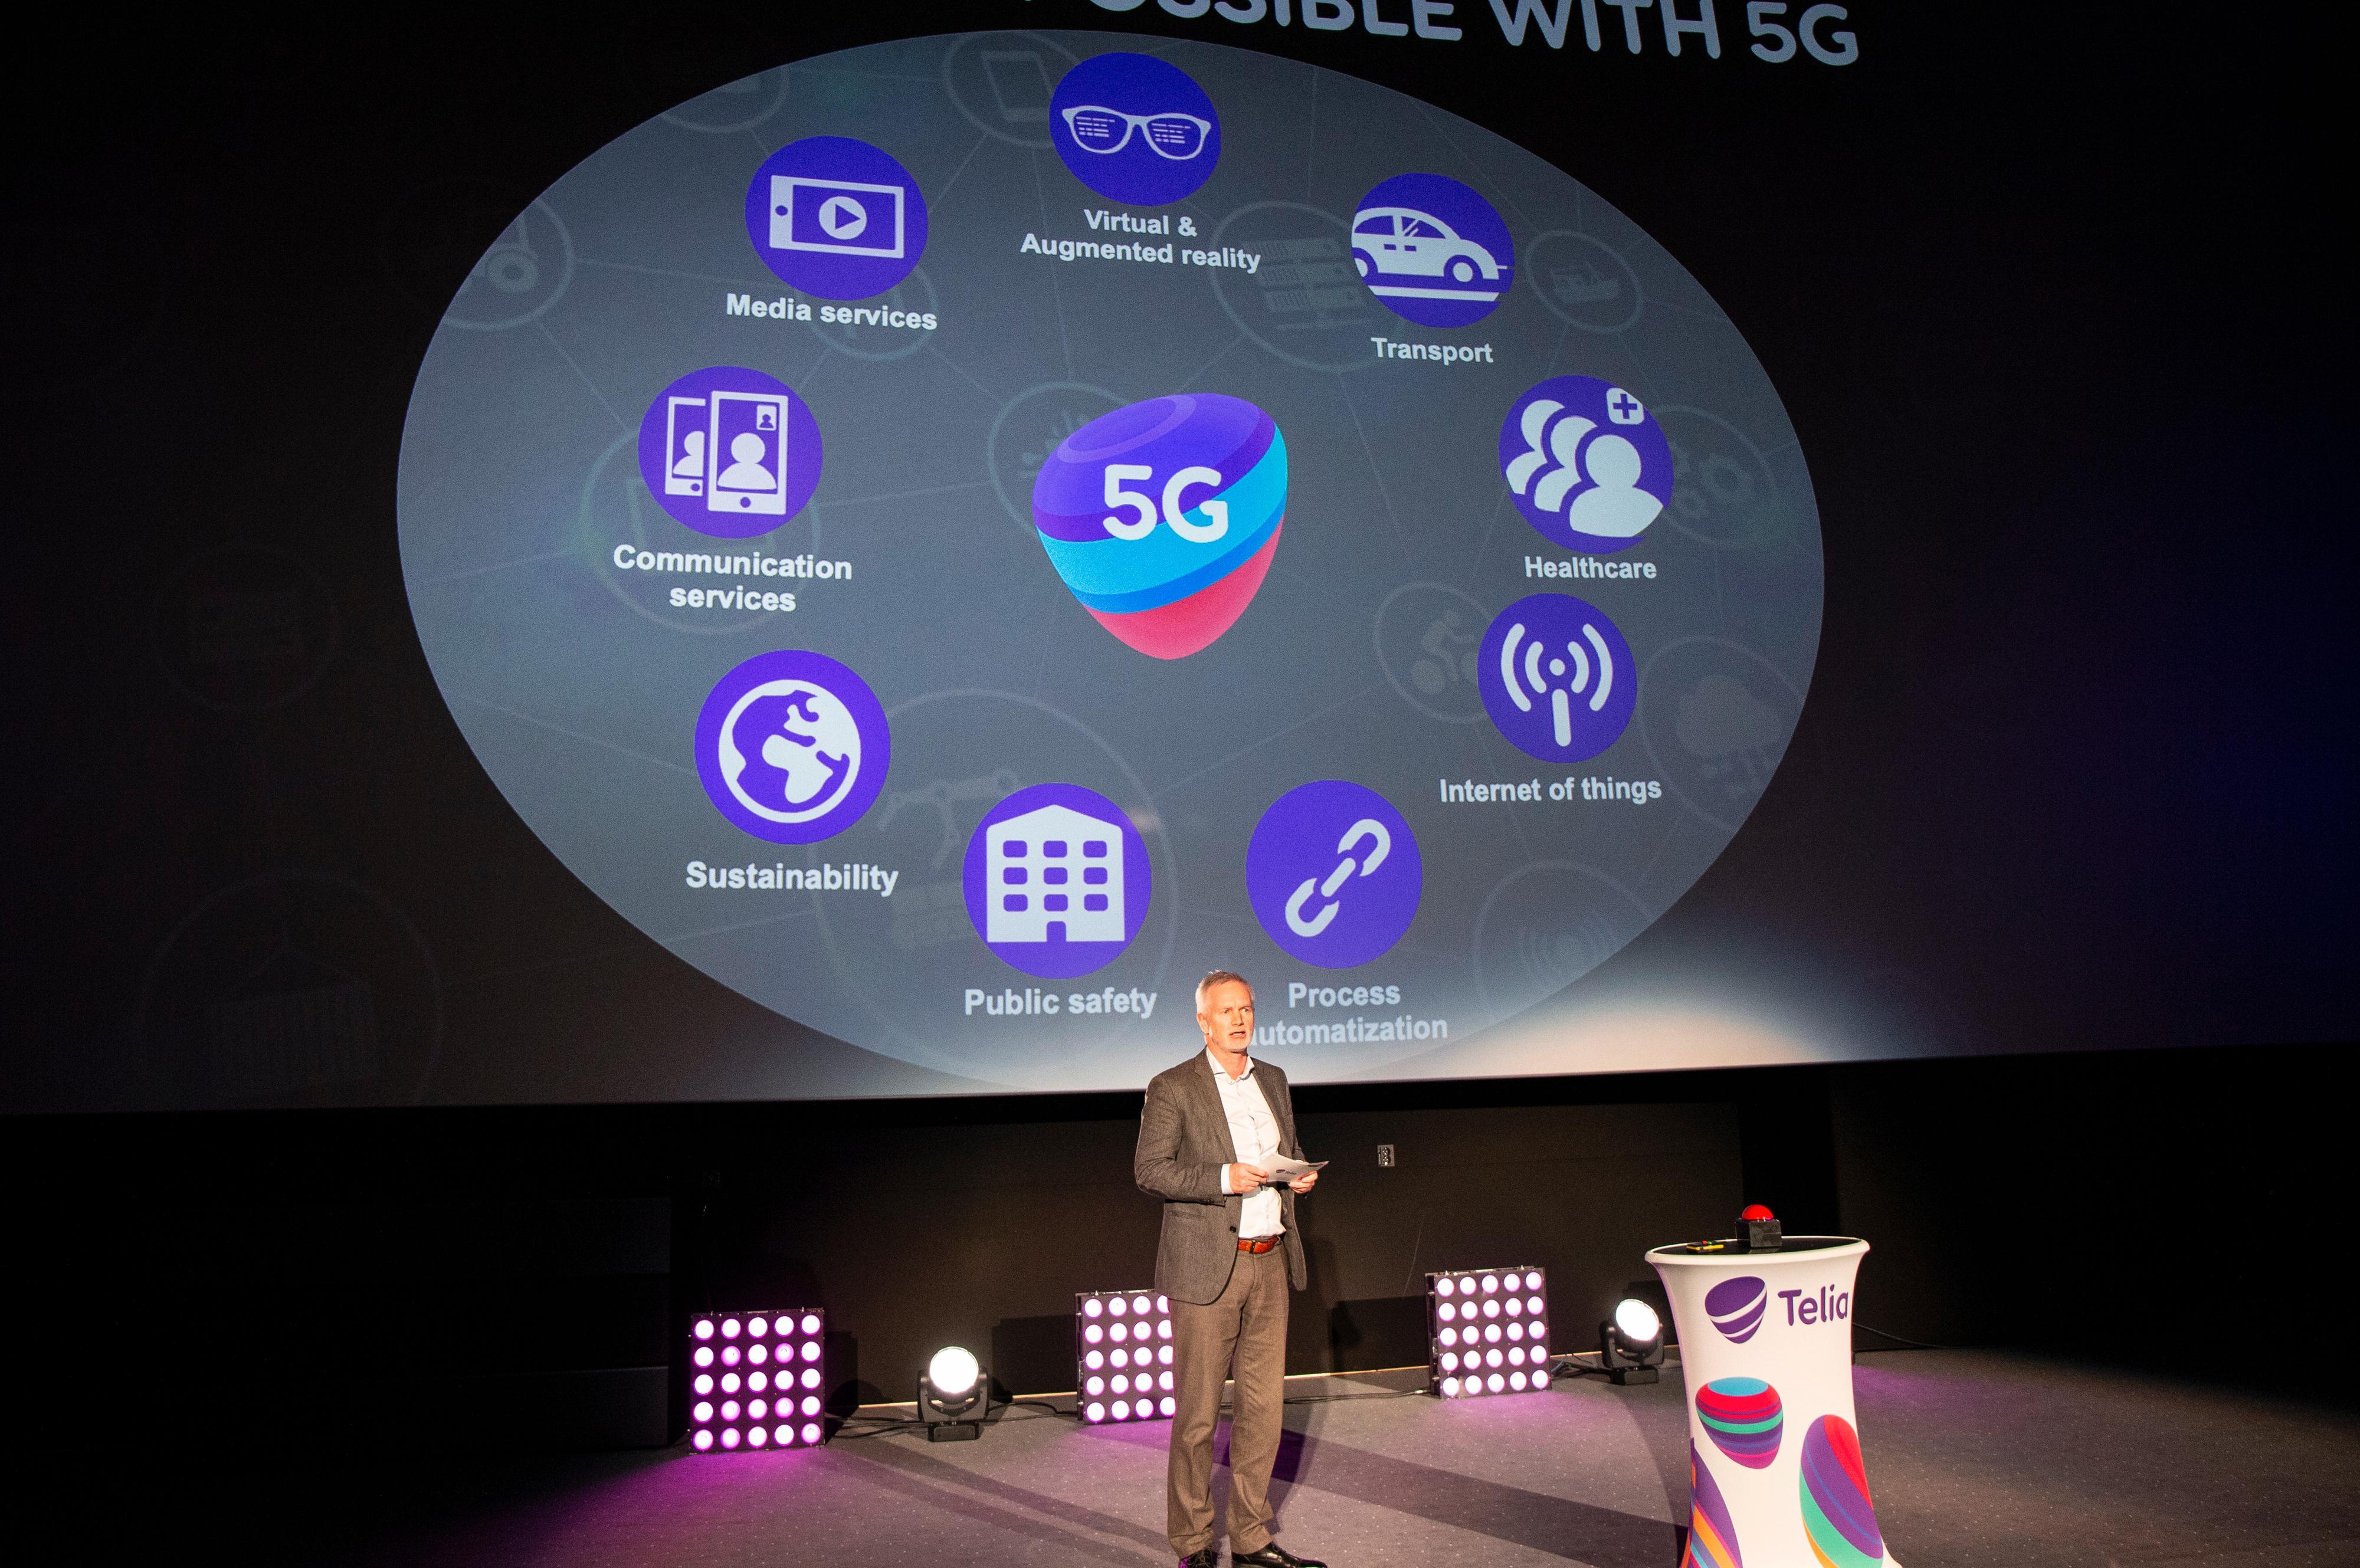 Telias teknologisjef Dag Wigum med potensielle bruksområder for 5G.